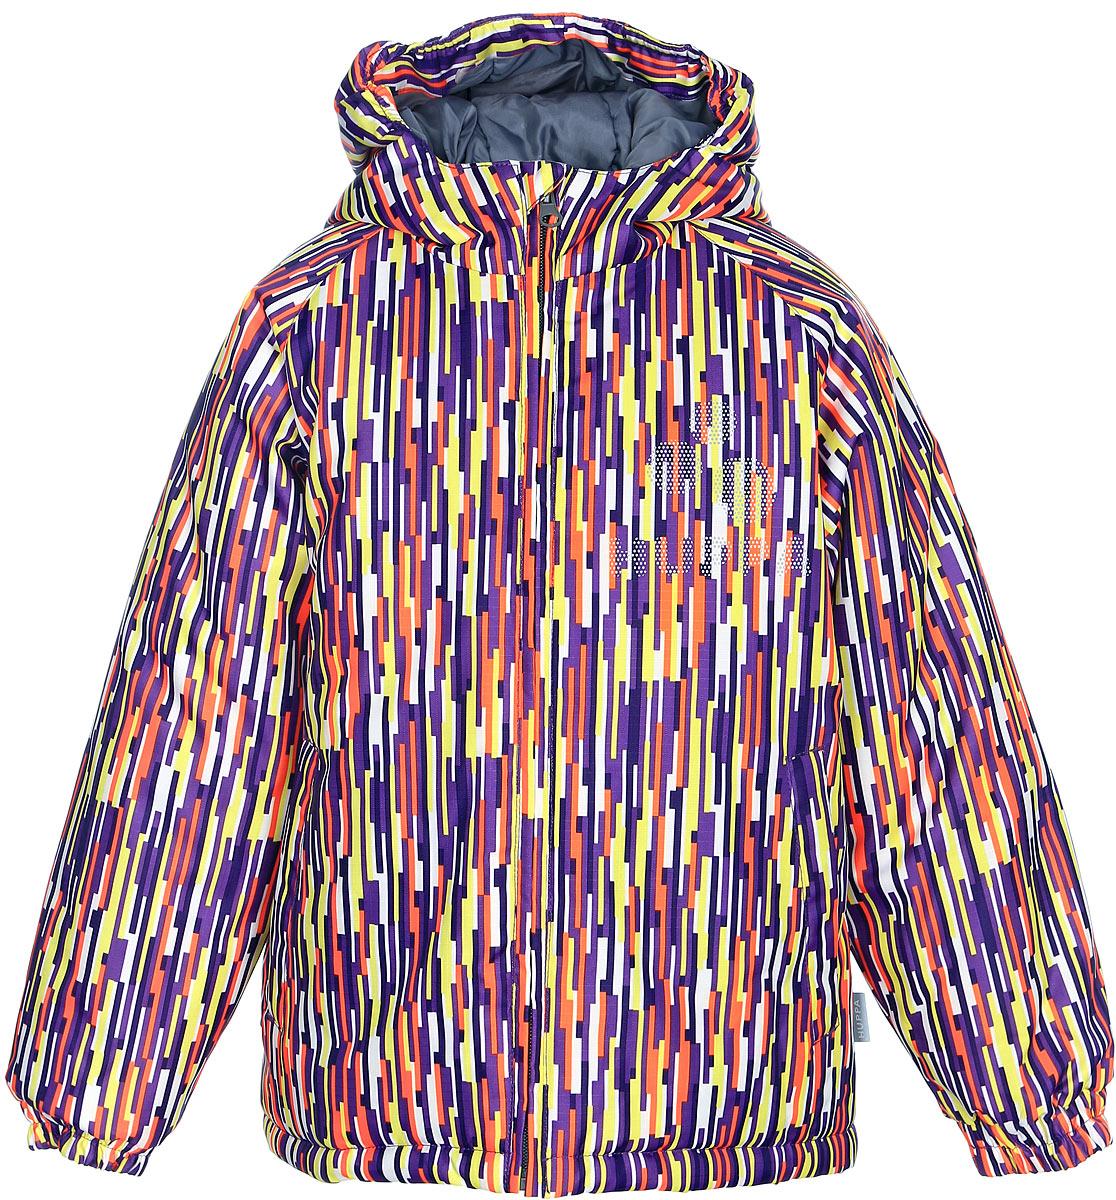 Куртка детская Huppa Classy, цвет: фиолетовый, желтый, белый. 17710030-520. Размер 12217710030-520Детская куртка Huppa изготовлена из водонепроницаемого полиэстера. Куртка с капюшоном застегивается на пластиковую застежку-молнию с защитой подбородка. Края капюшона и рукавов собраны на внутренние резинки. У модели имеются два врезных кармана. Изделие дополнено светоотражающими элементами.